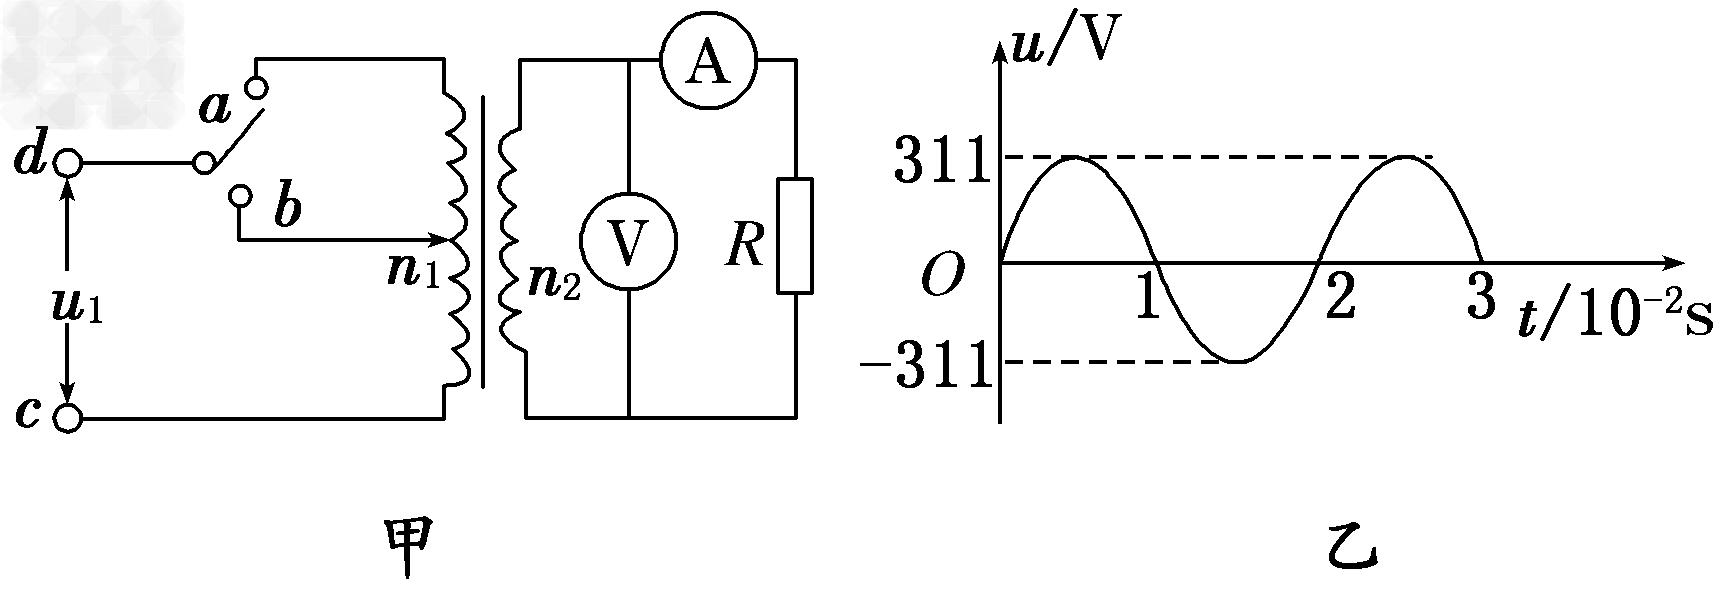 如图甲所示,理想变压器原,副线圈的匝数比为10:1